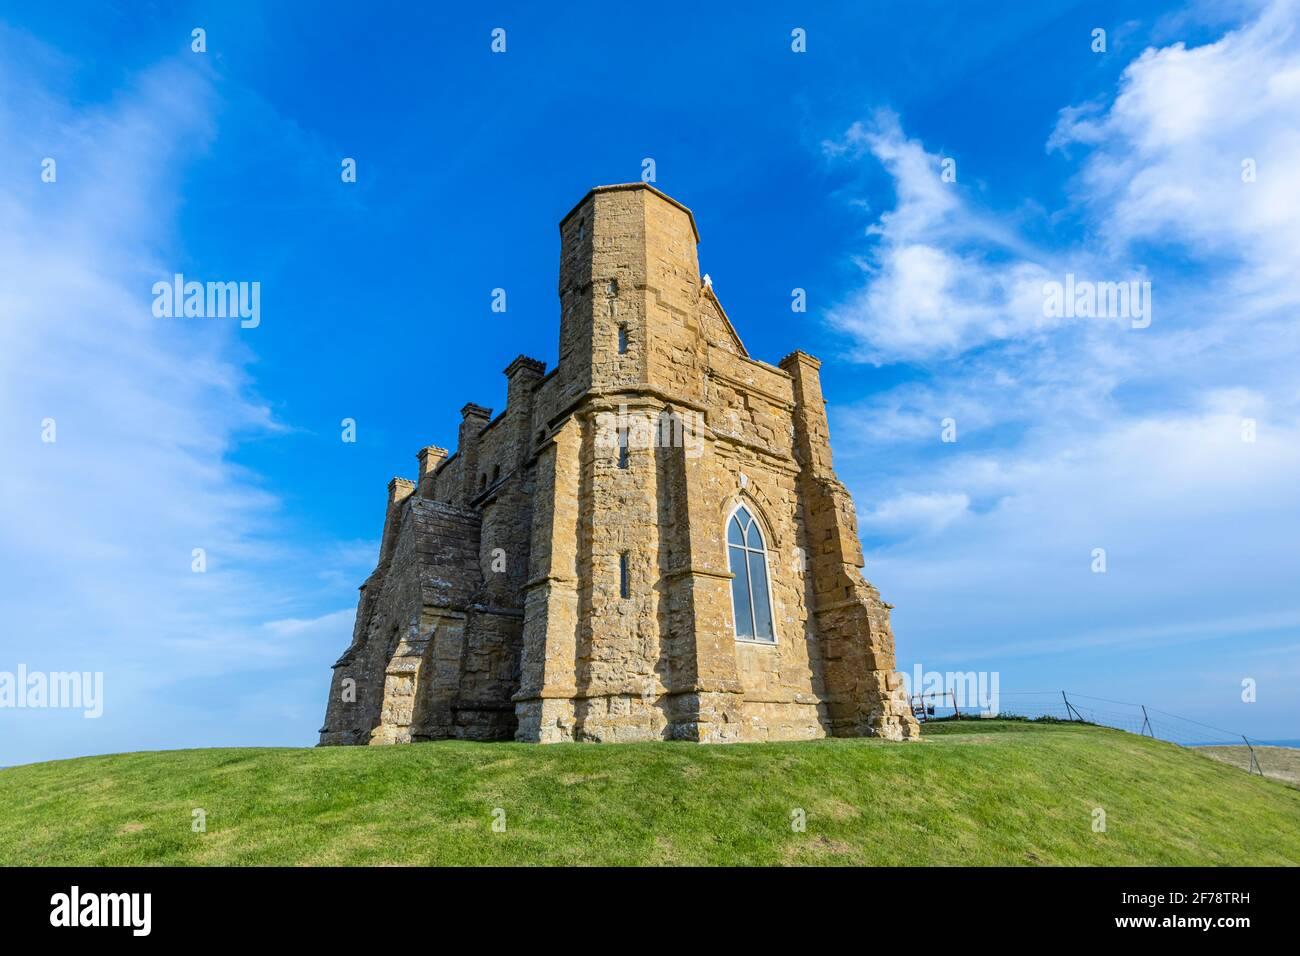 Capilla de Santa Catalina, una pequeña capilla en una colina sobre el pueblo de Abbotsbury en Dorset, al suroeste de Inglaterra, dedicada a Santa Catalina de Alejandría Foto de stock